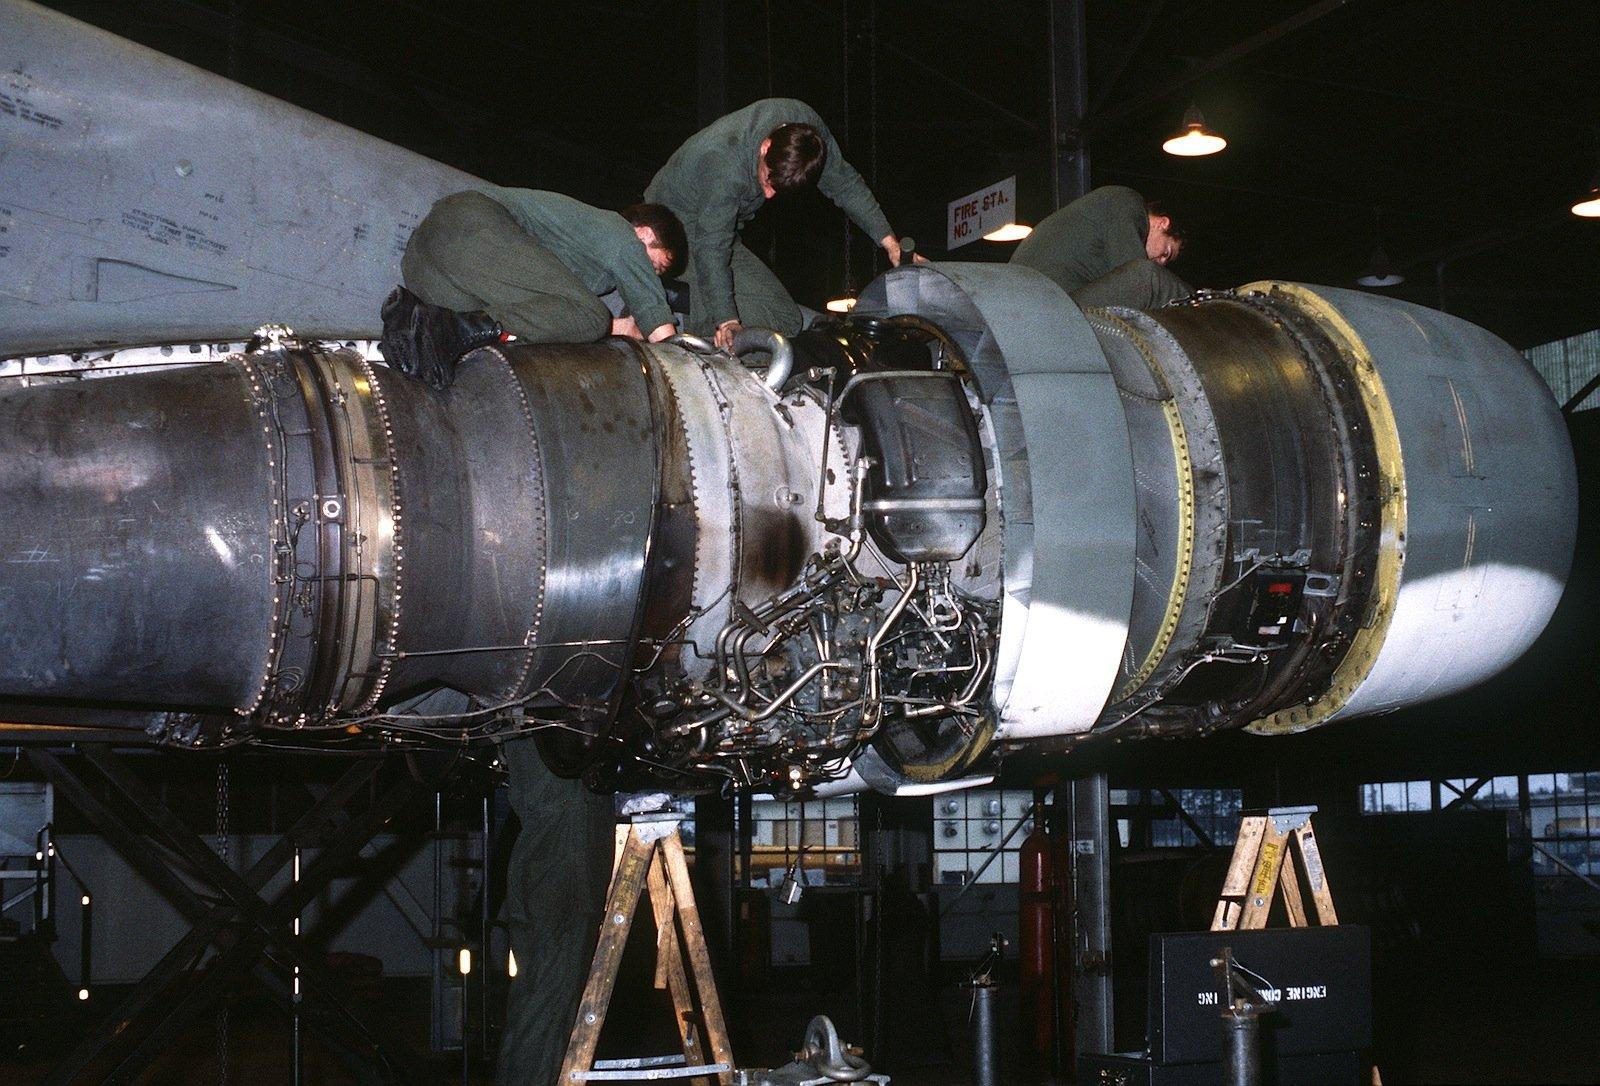 Kontrolle eines TF33-Motors: Die U.S. Air Force plant 650 Stück der neuesten,besonders Energie sparenden Variante bei Pratt & Whitney zu ordern.